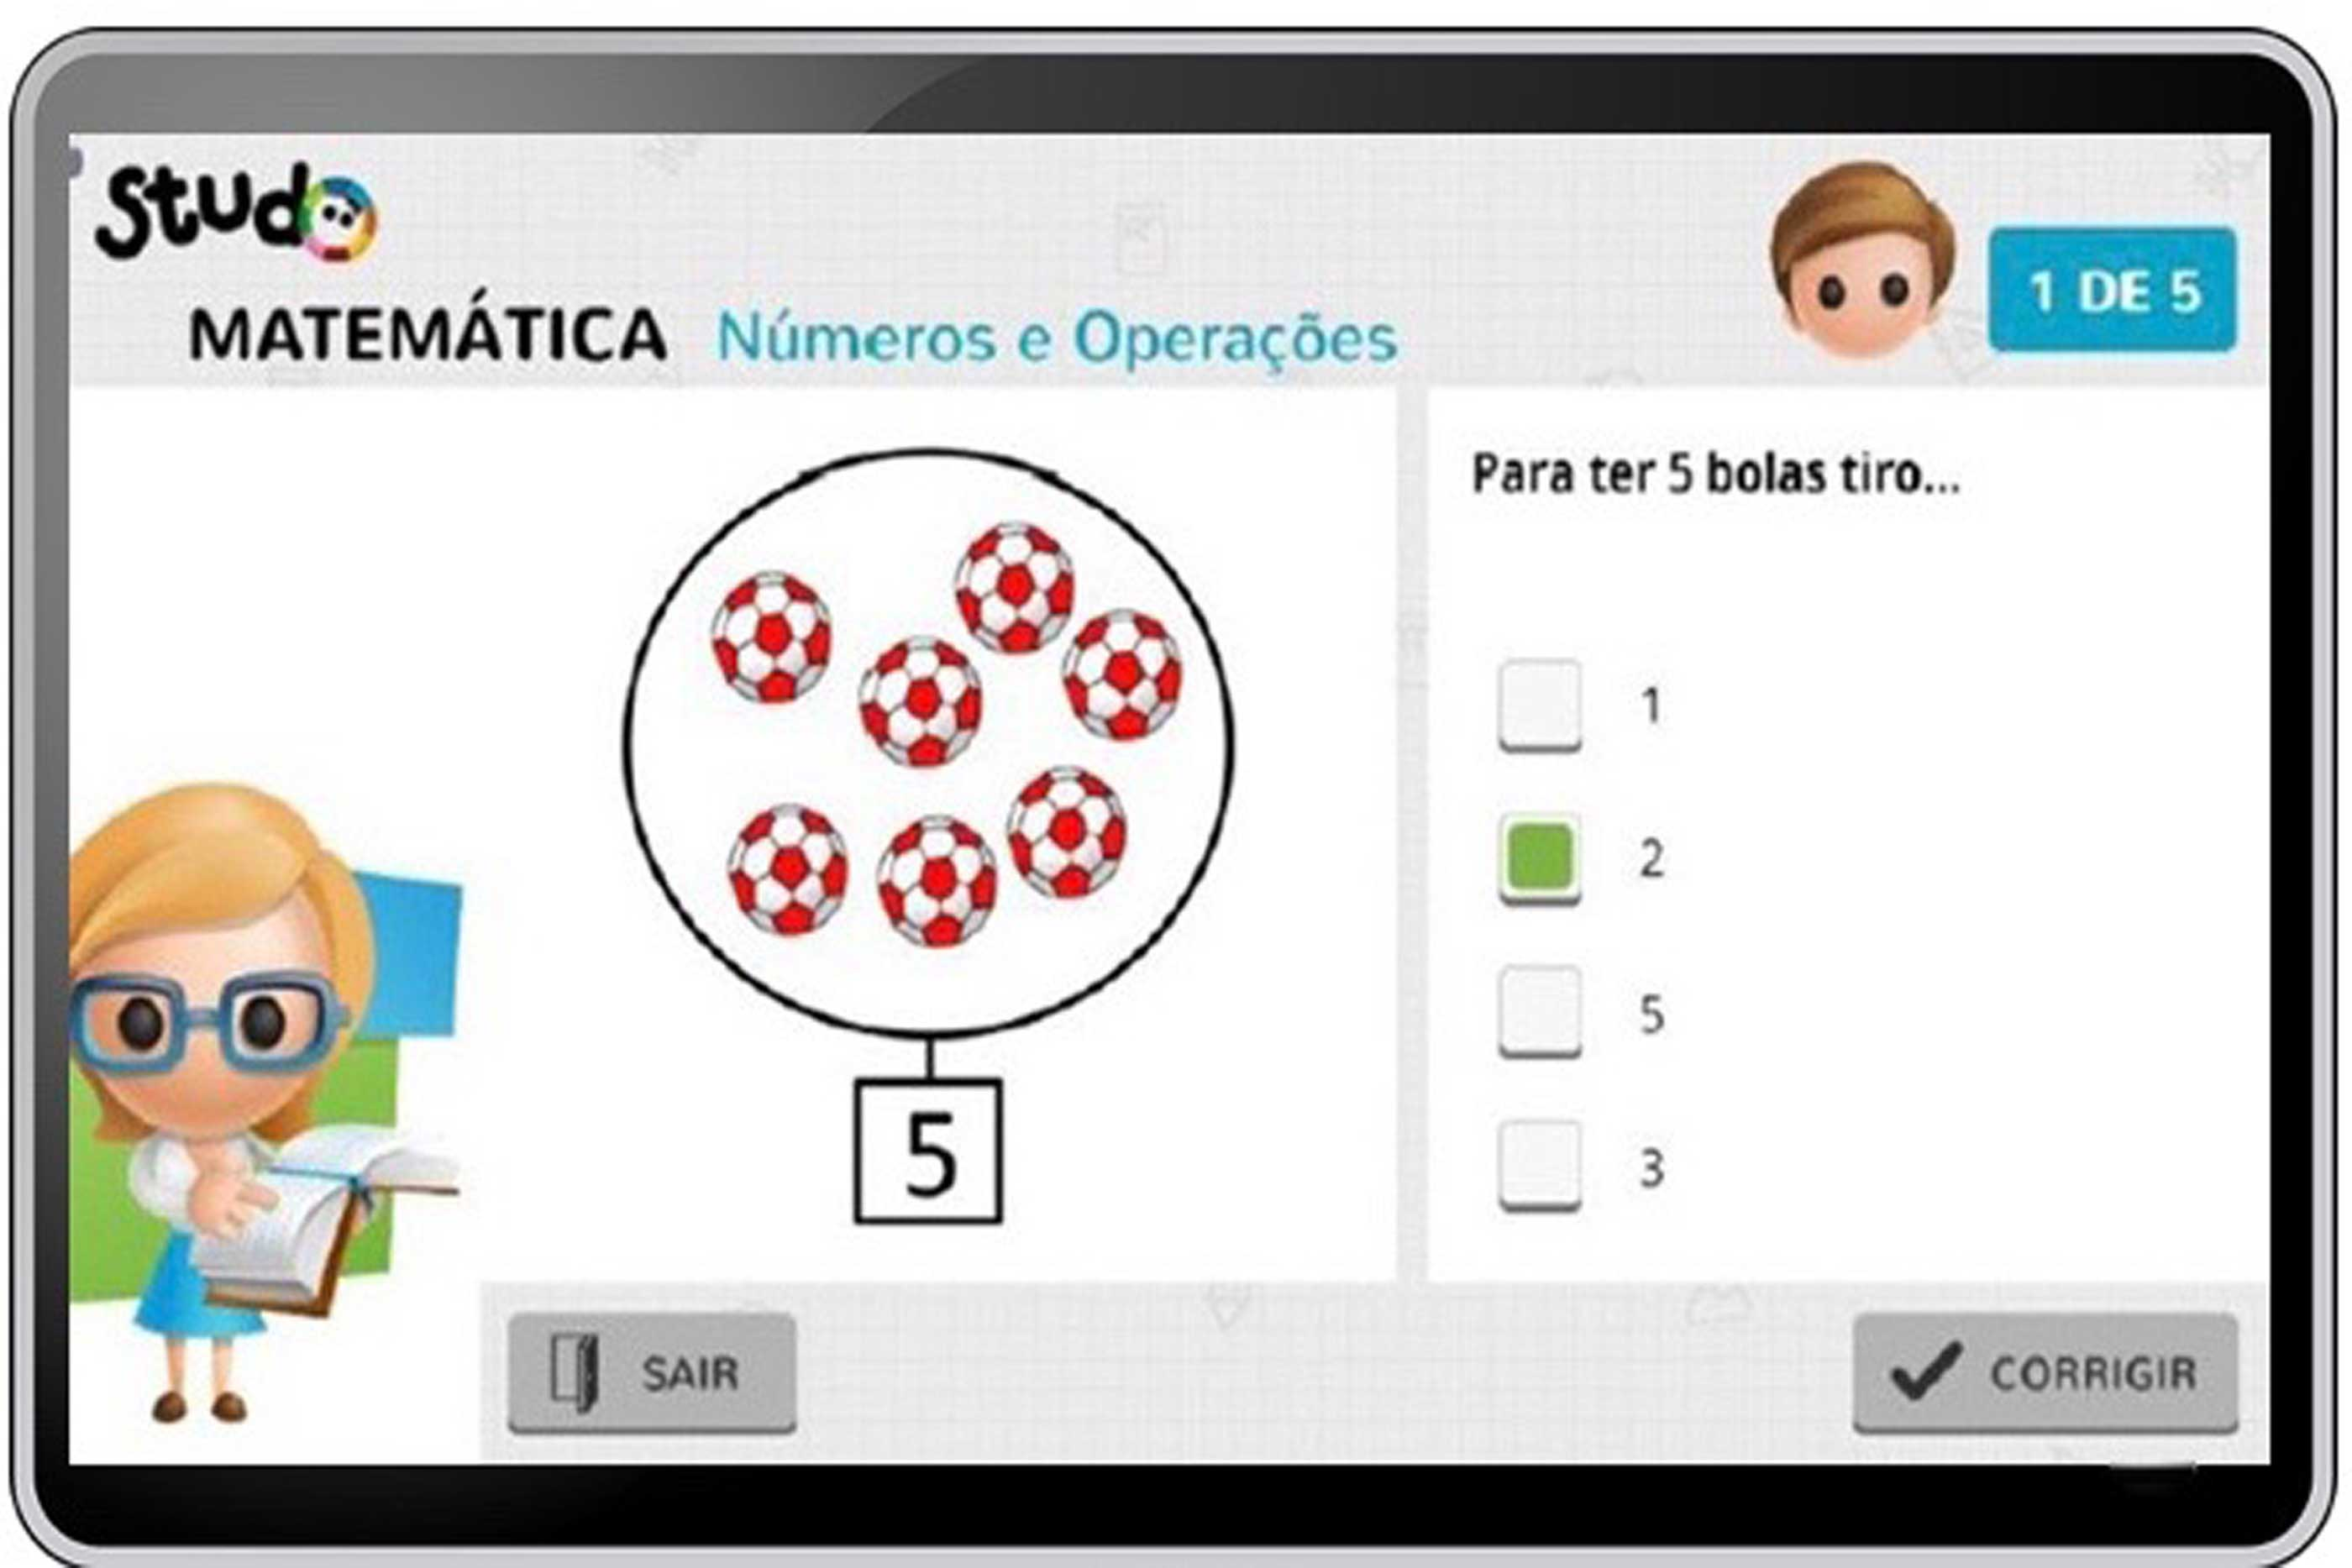 Imagens da aplicação Studo ©AlfredoBeleza/technet